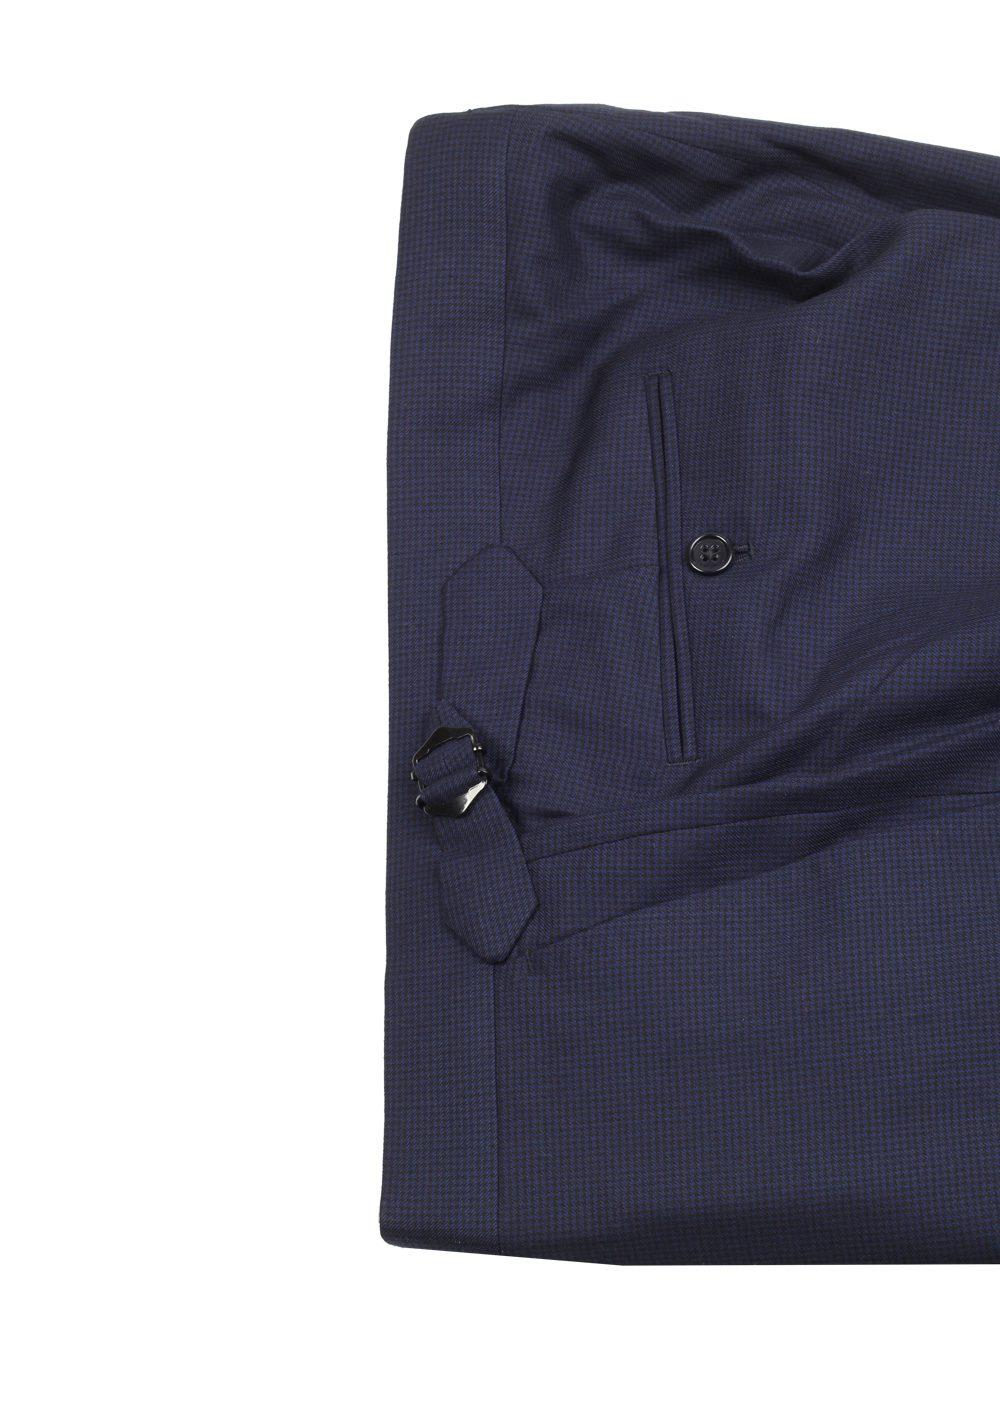 Ralph Lauren Purple Label Blue Suit Size 54 / 44 U.S. In Wool Cashmere | Costume Limité